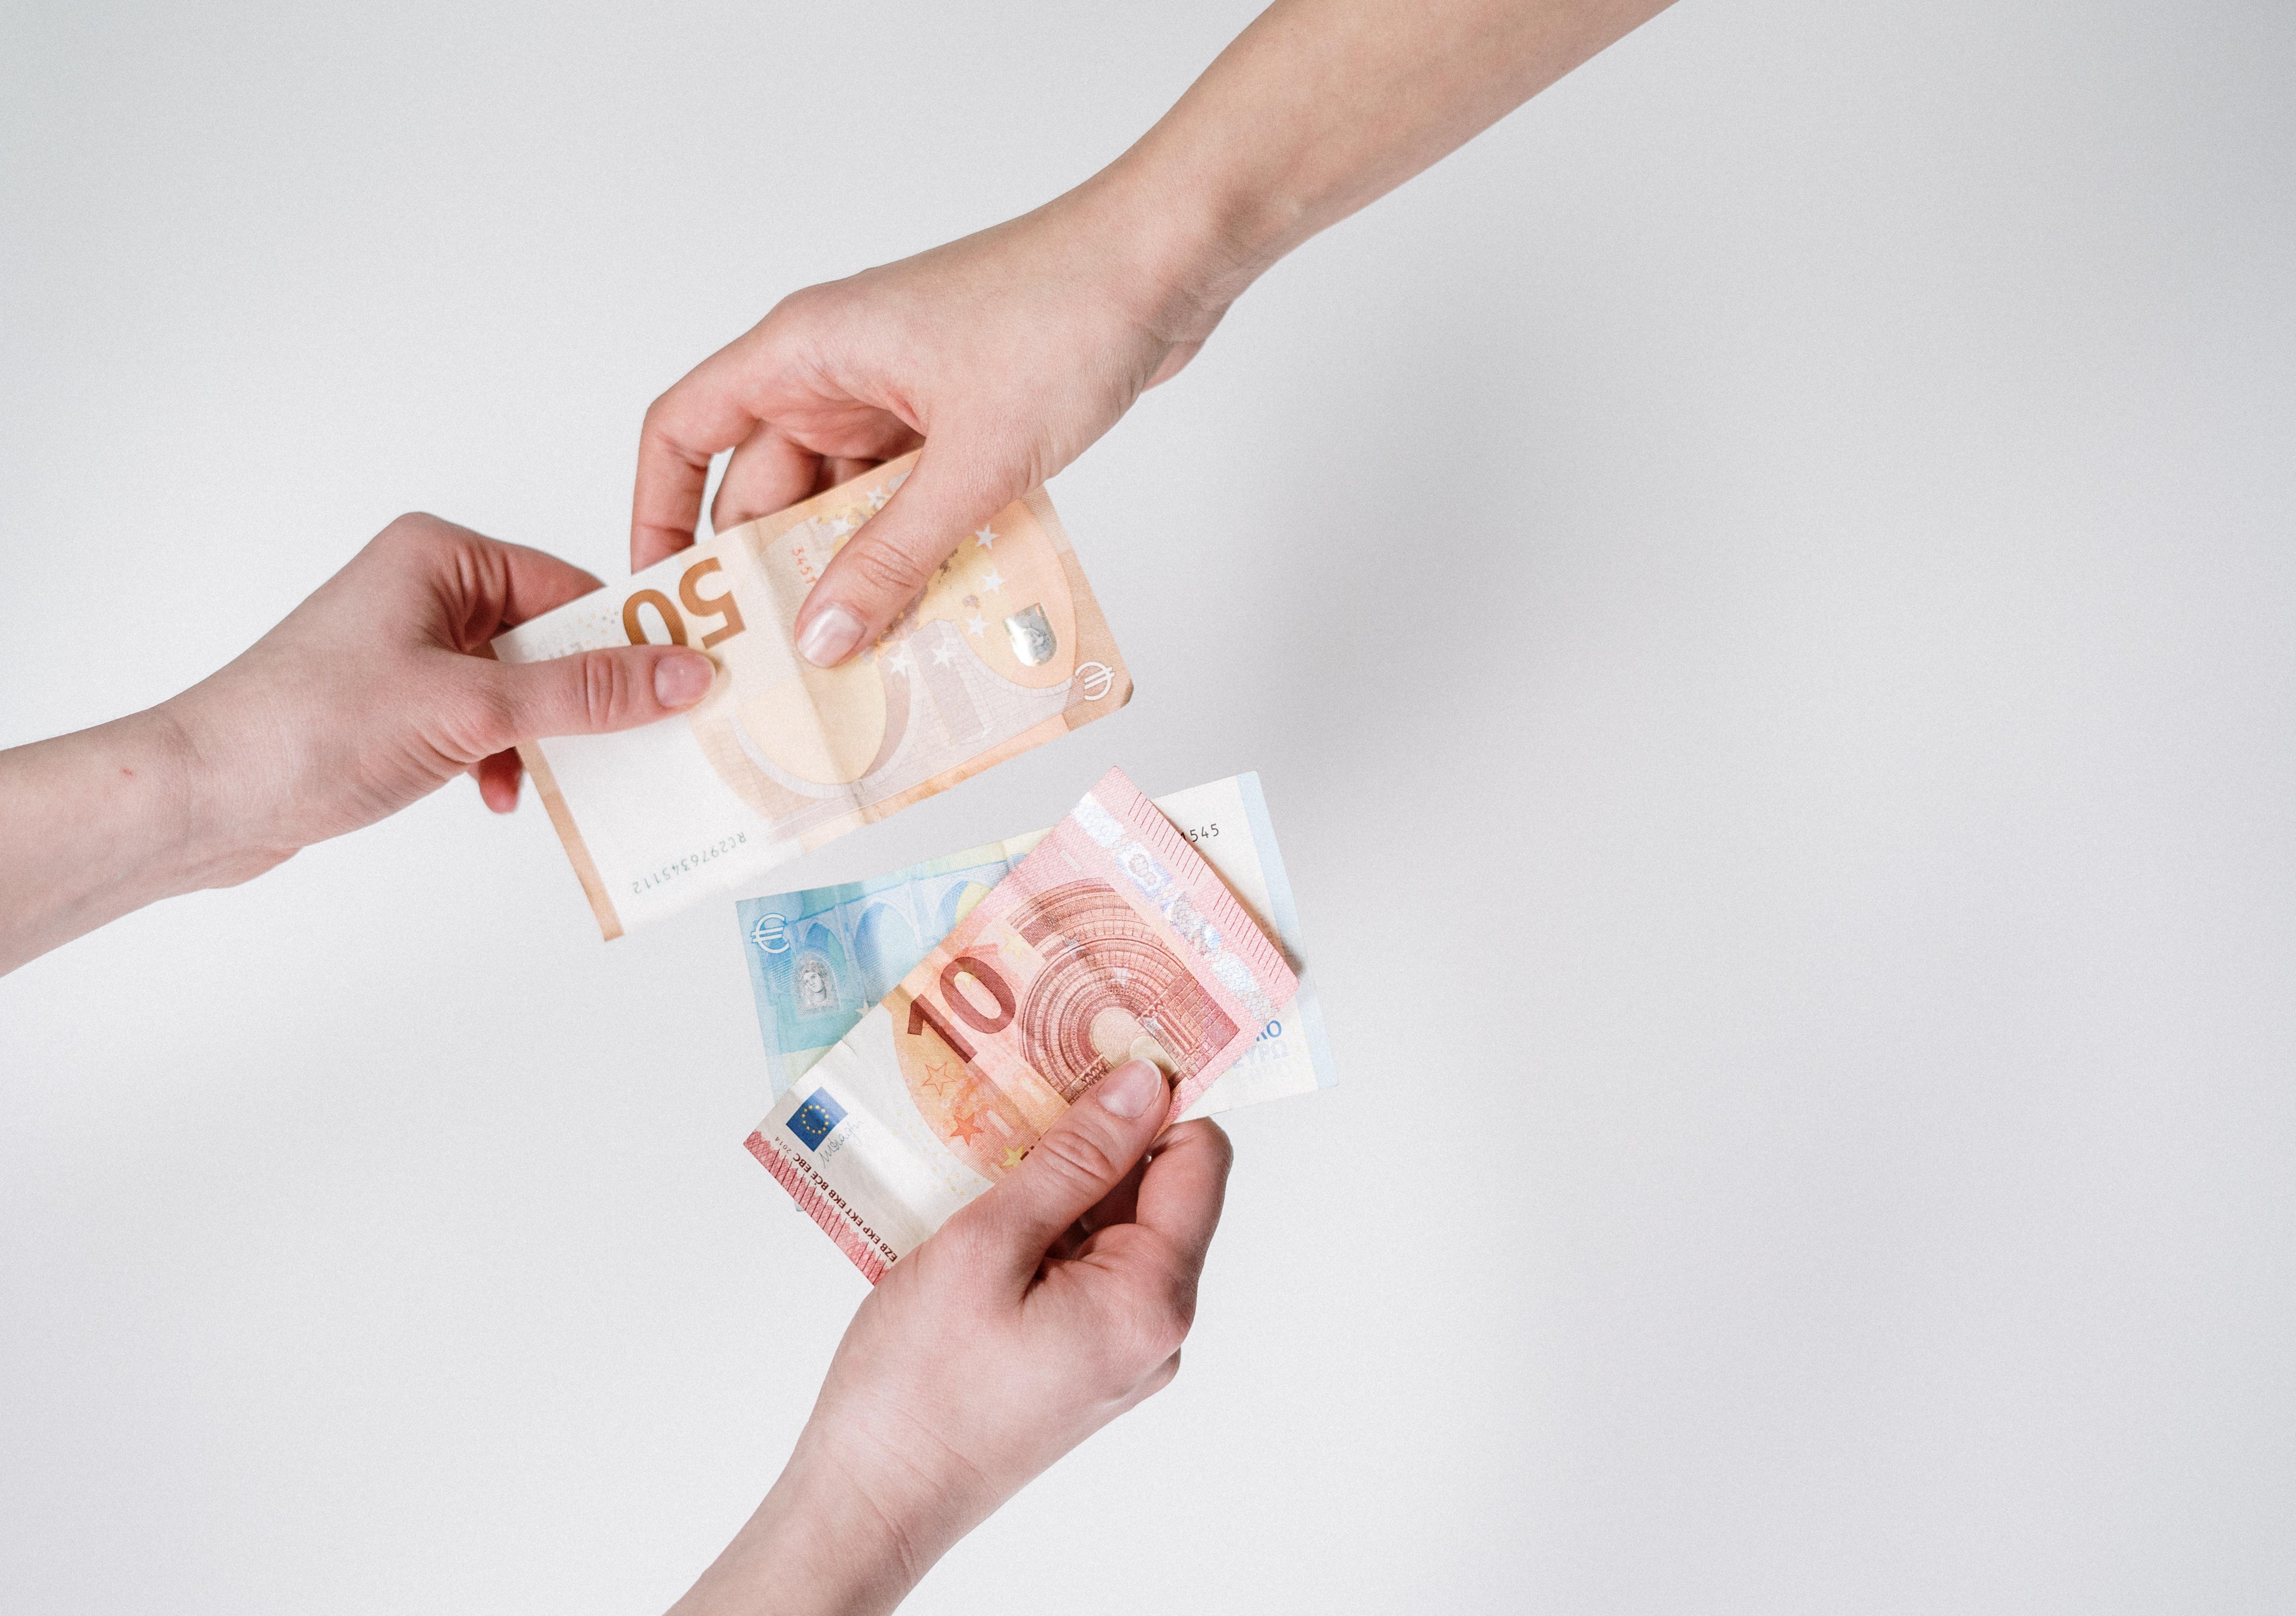 אני שם את הכסף בבנק וצריך גם לשלם לו?